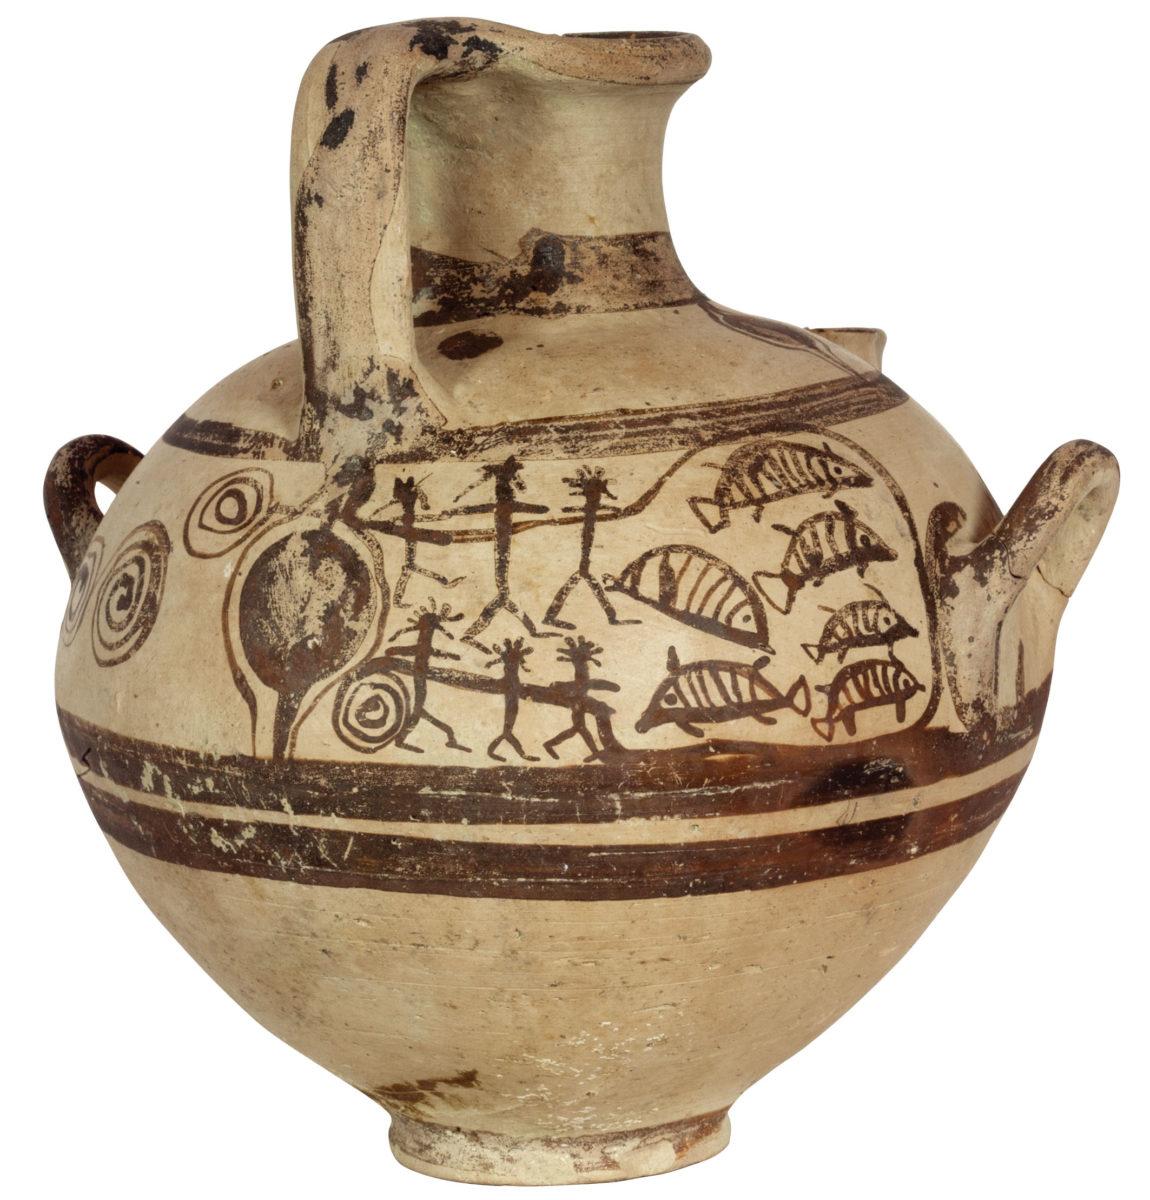 Ηθμωτή υδρία με παράσταση ψαράδων (12ος/αρχές 11ου αι. π.Χ.) από το νεκροταφείο των Απλωμάτων στη Νάξο (12ος/αρχές 11ου αι. π.Χ.). © Εφορεία Αρχαιοτήτων Κυκλάδων.